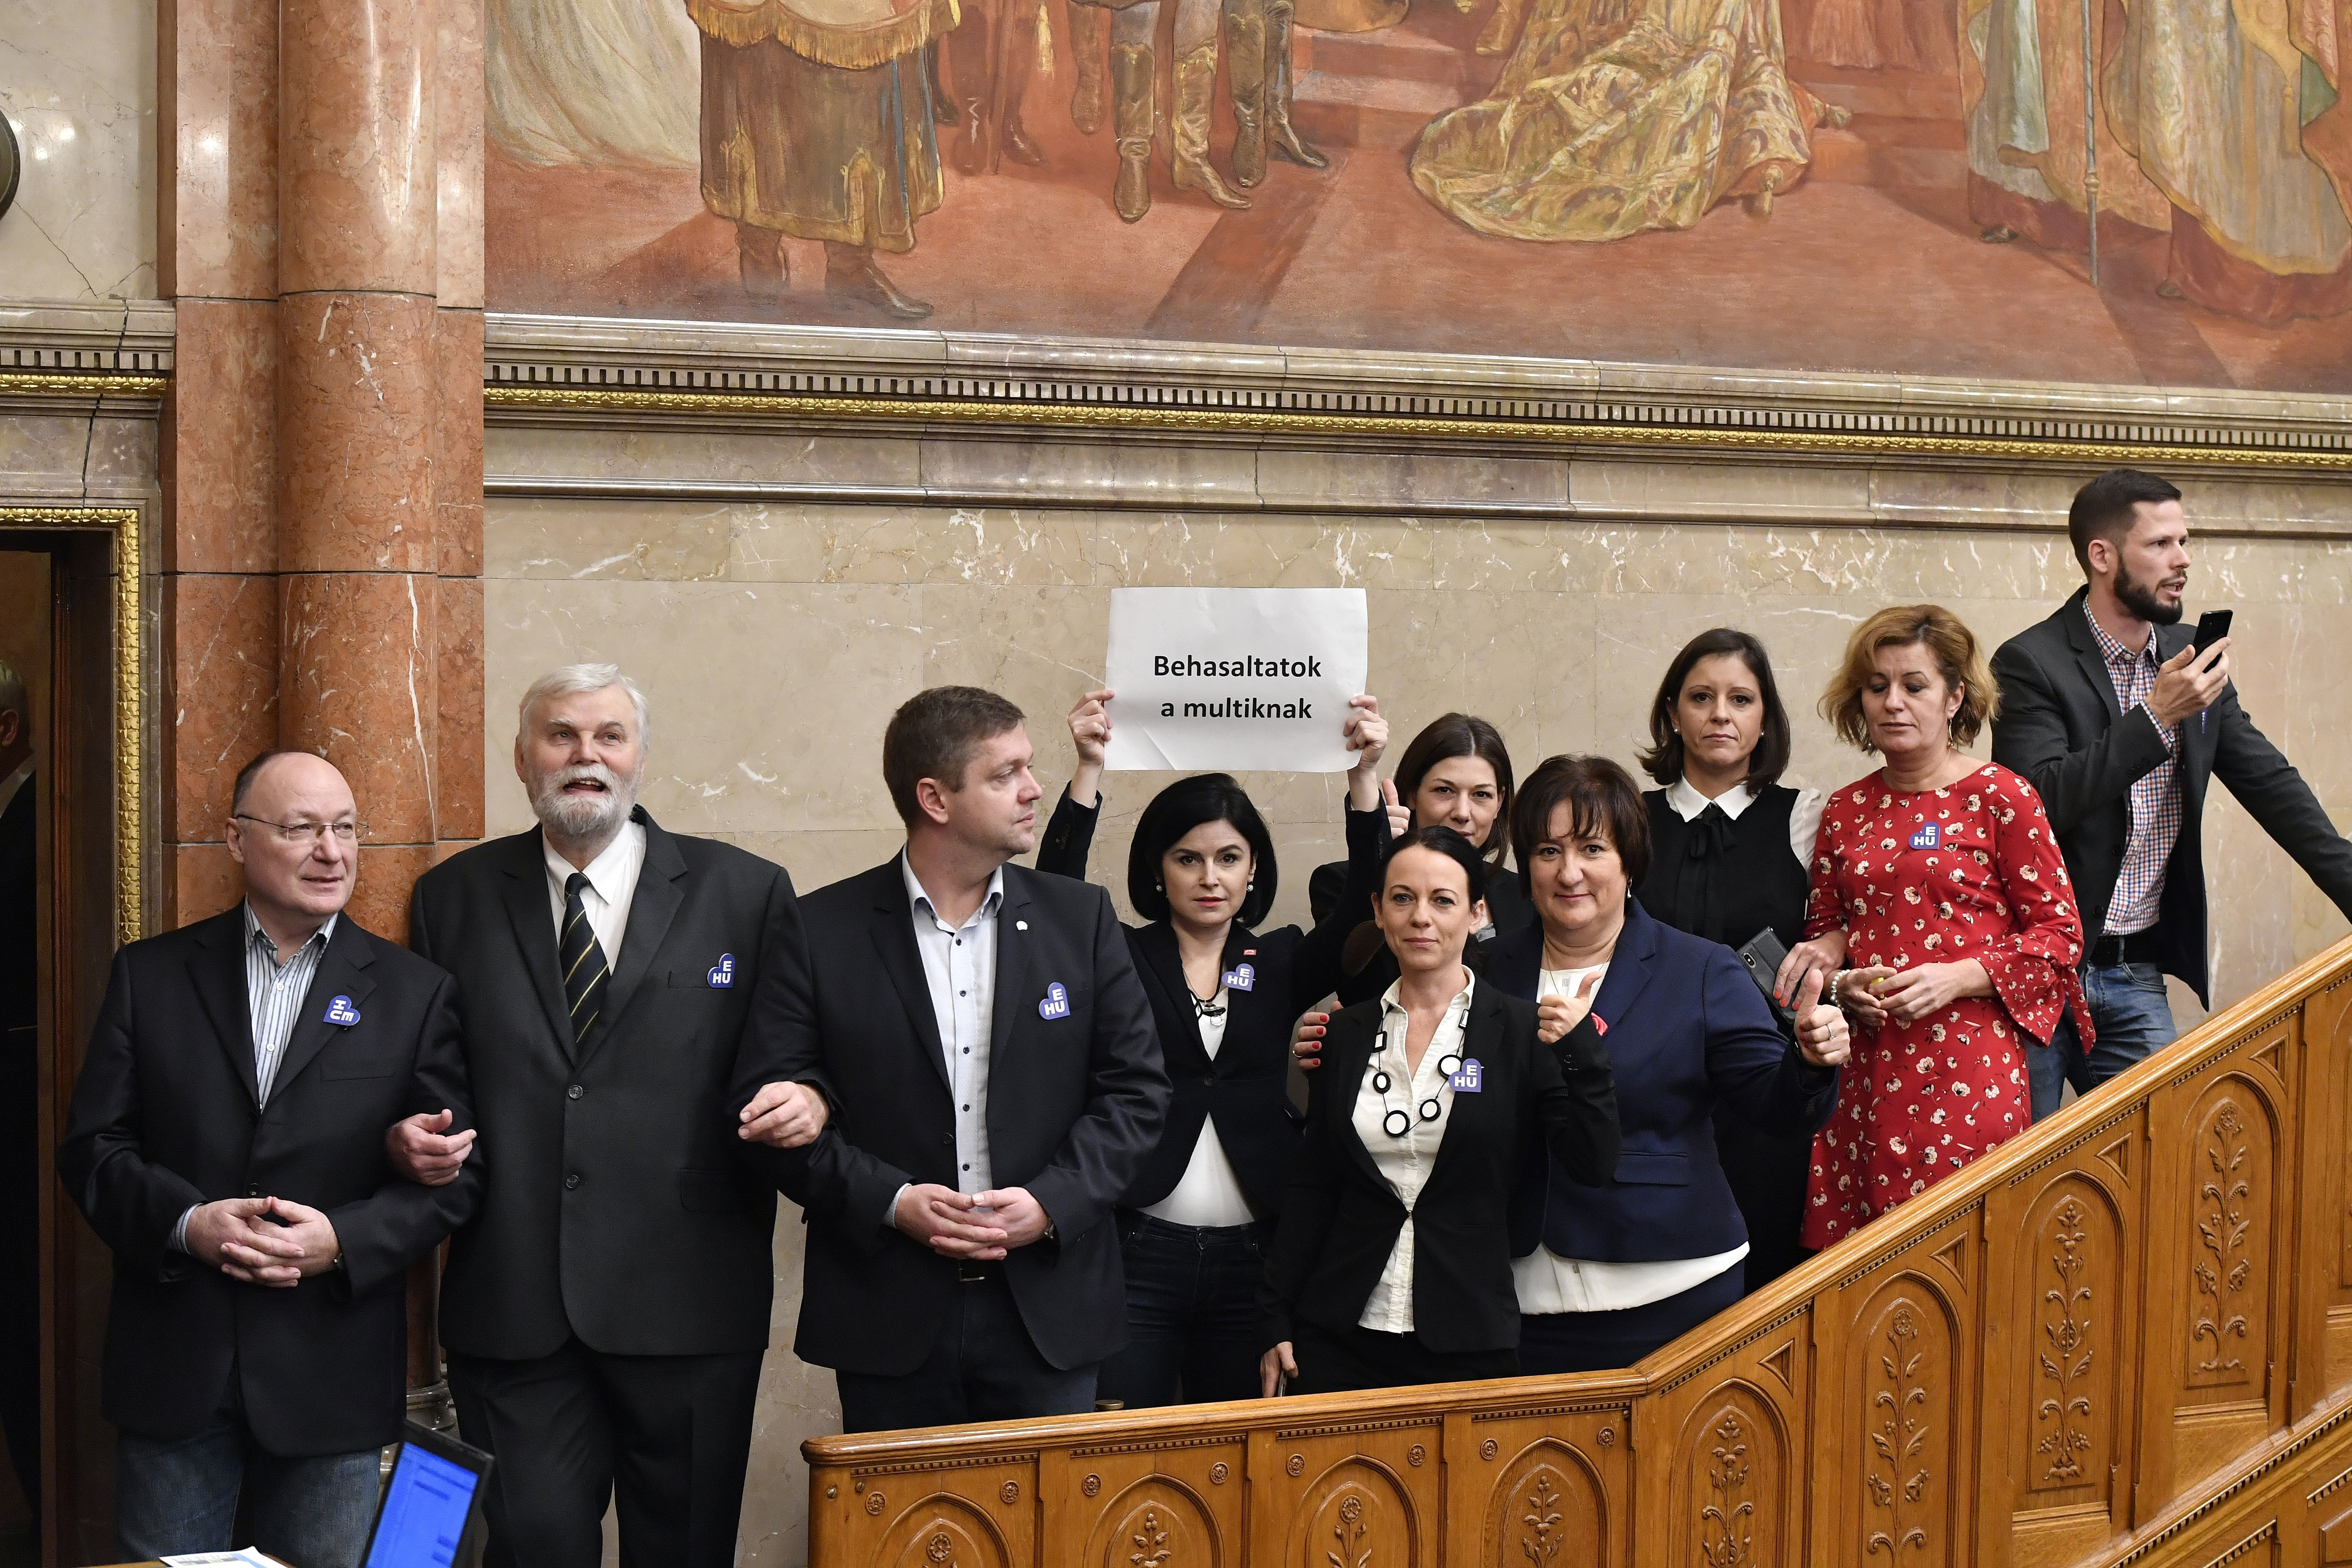 Mostantól akár 60 napra is kitilthatják a képviselőket a Parlamentből